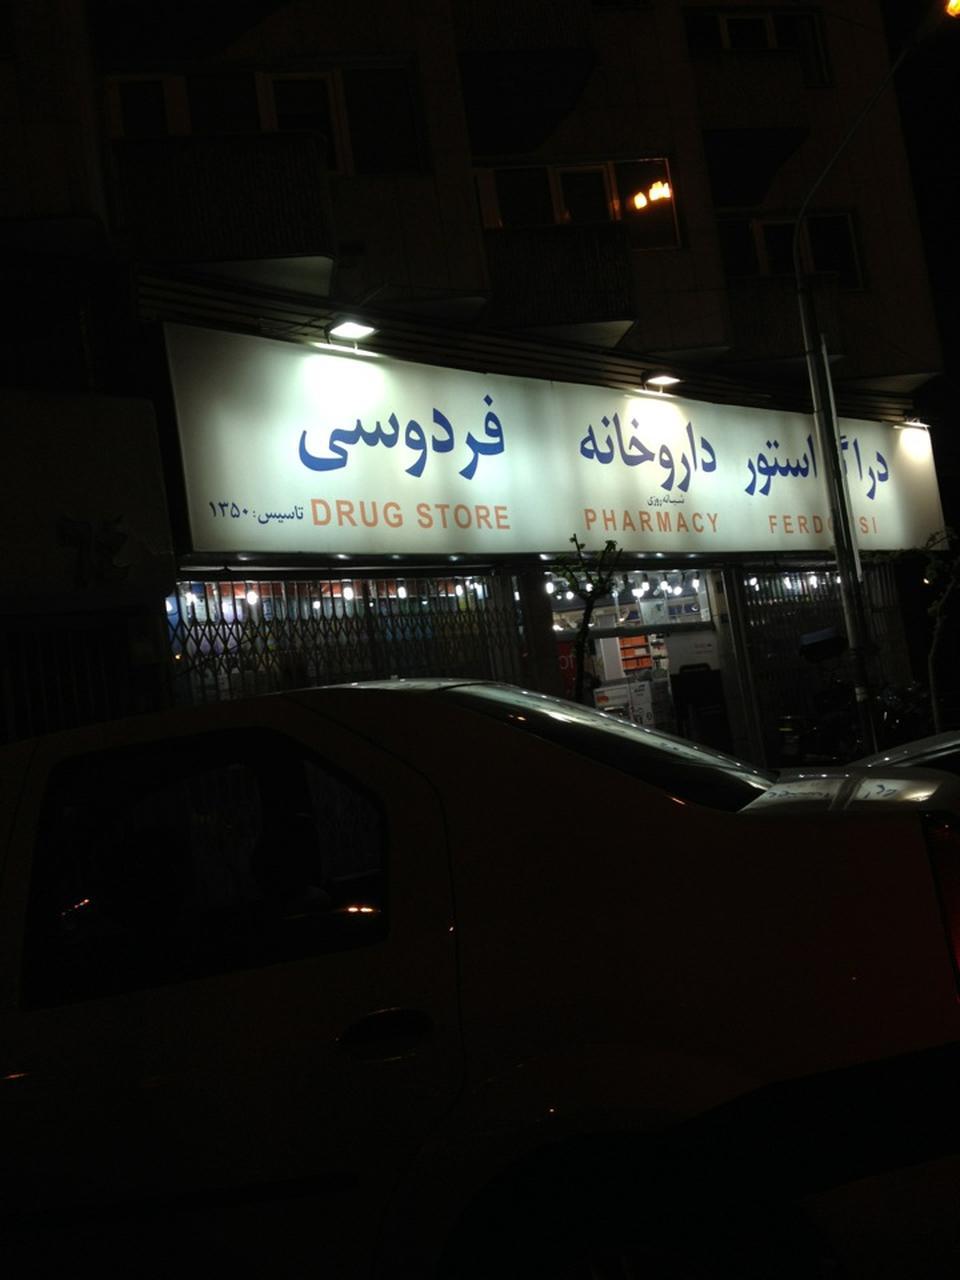 عکس پروفایل داروخانه های شبانه روزی داروخانه شبانه روزی فردوسی